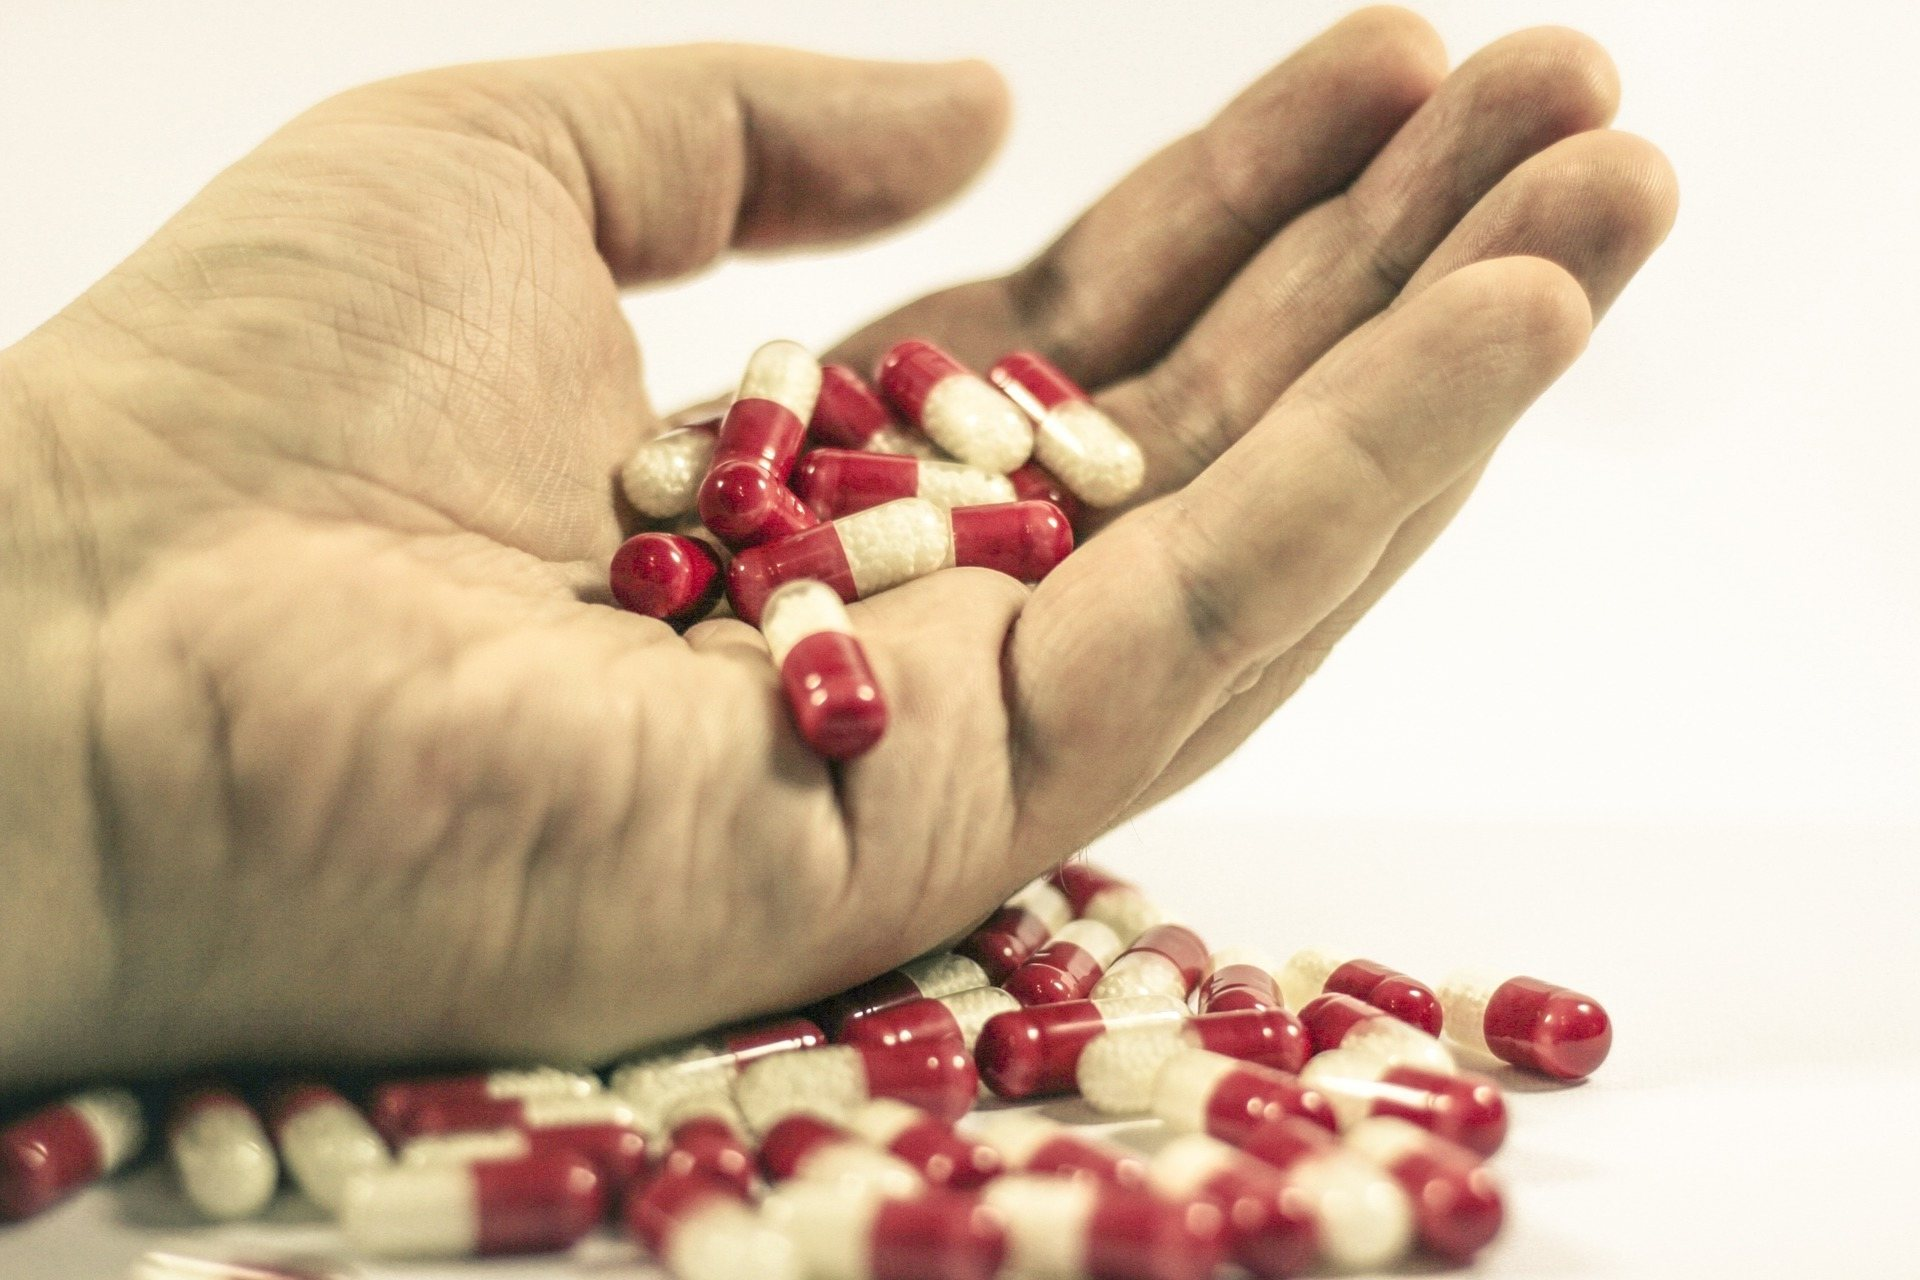 Pene per spaccio di Droga: cosa prevede la Legge?